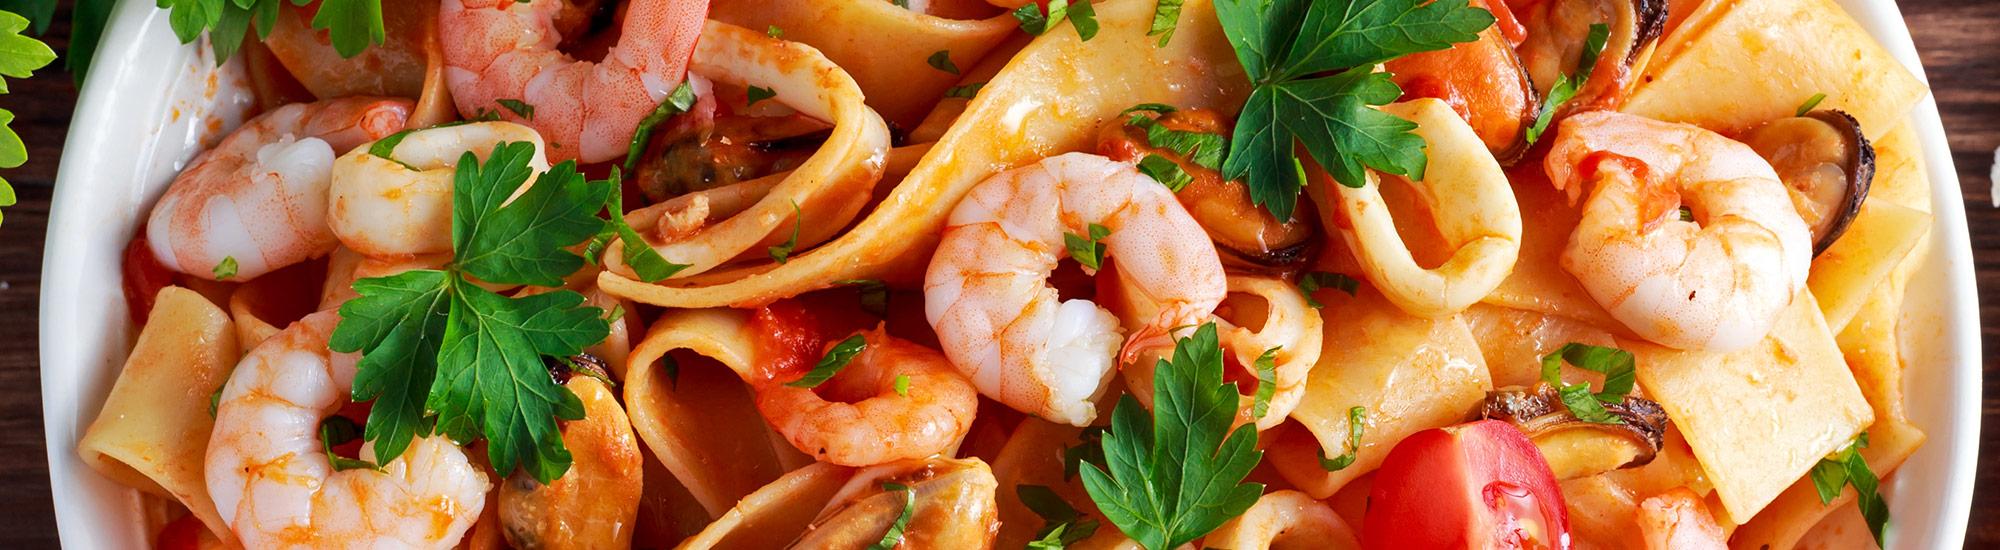 ricetta Pappardelle con gamberetti, cozze e pomodorini con pasta fresca